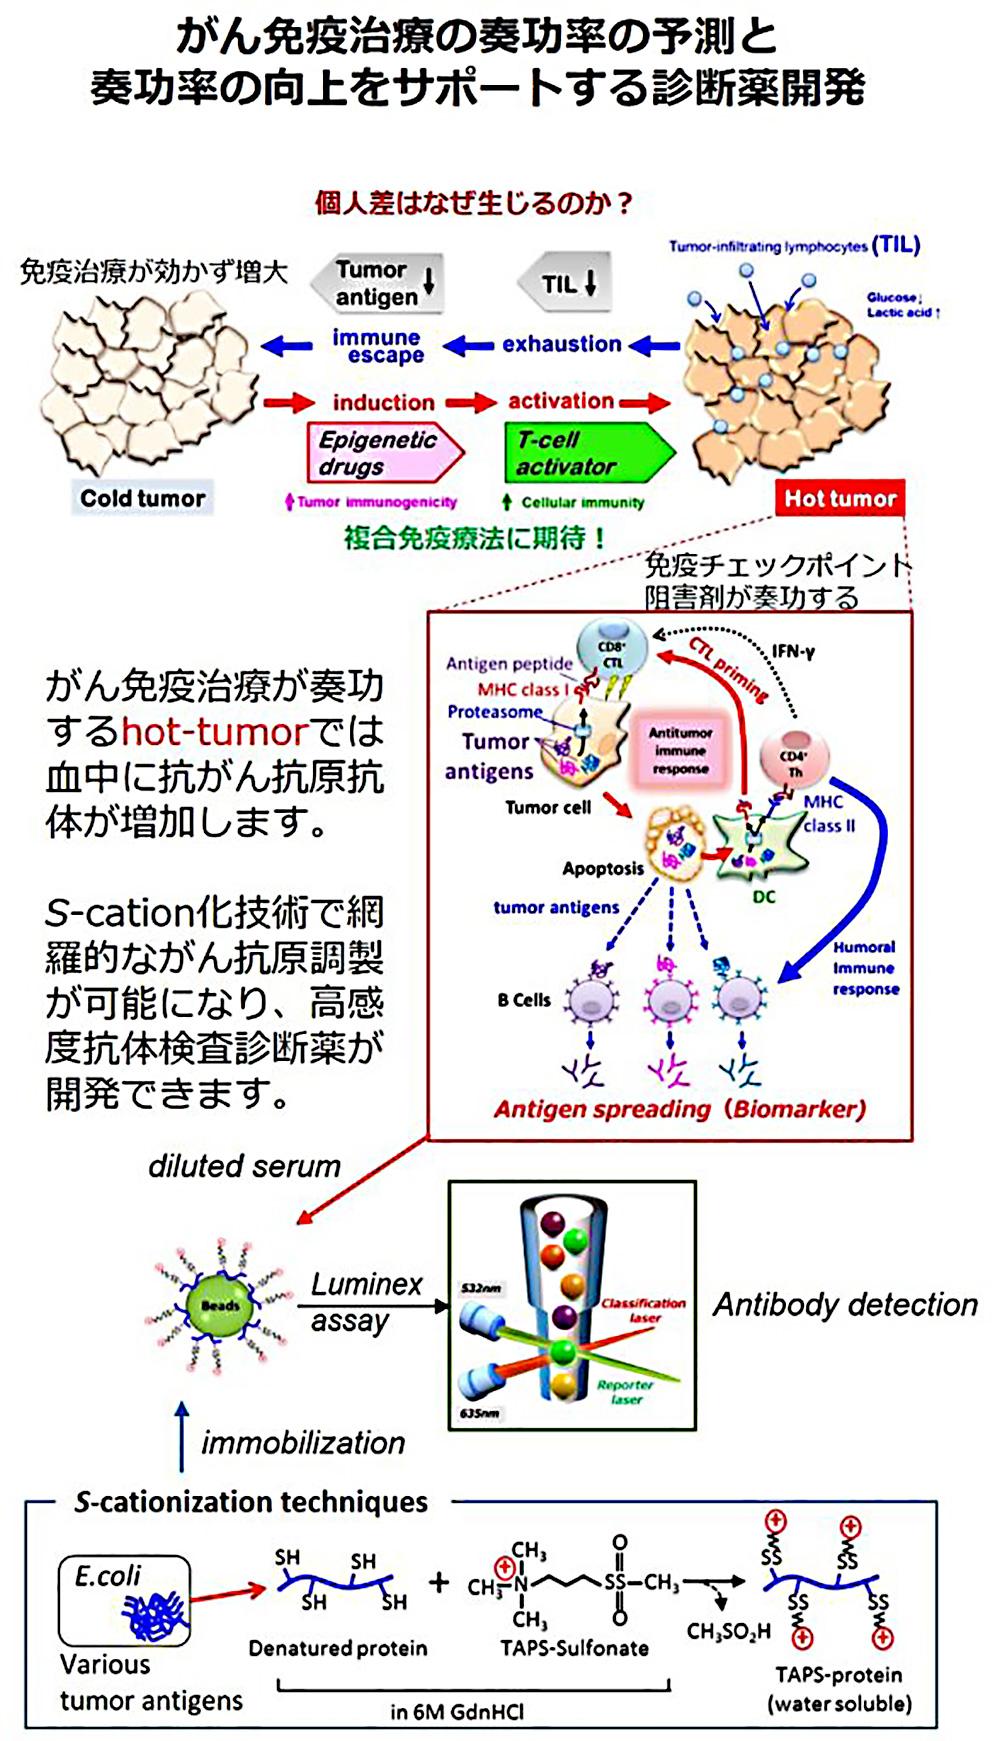 蛋白質医用工学分野